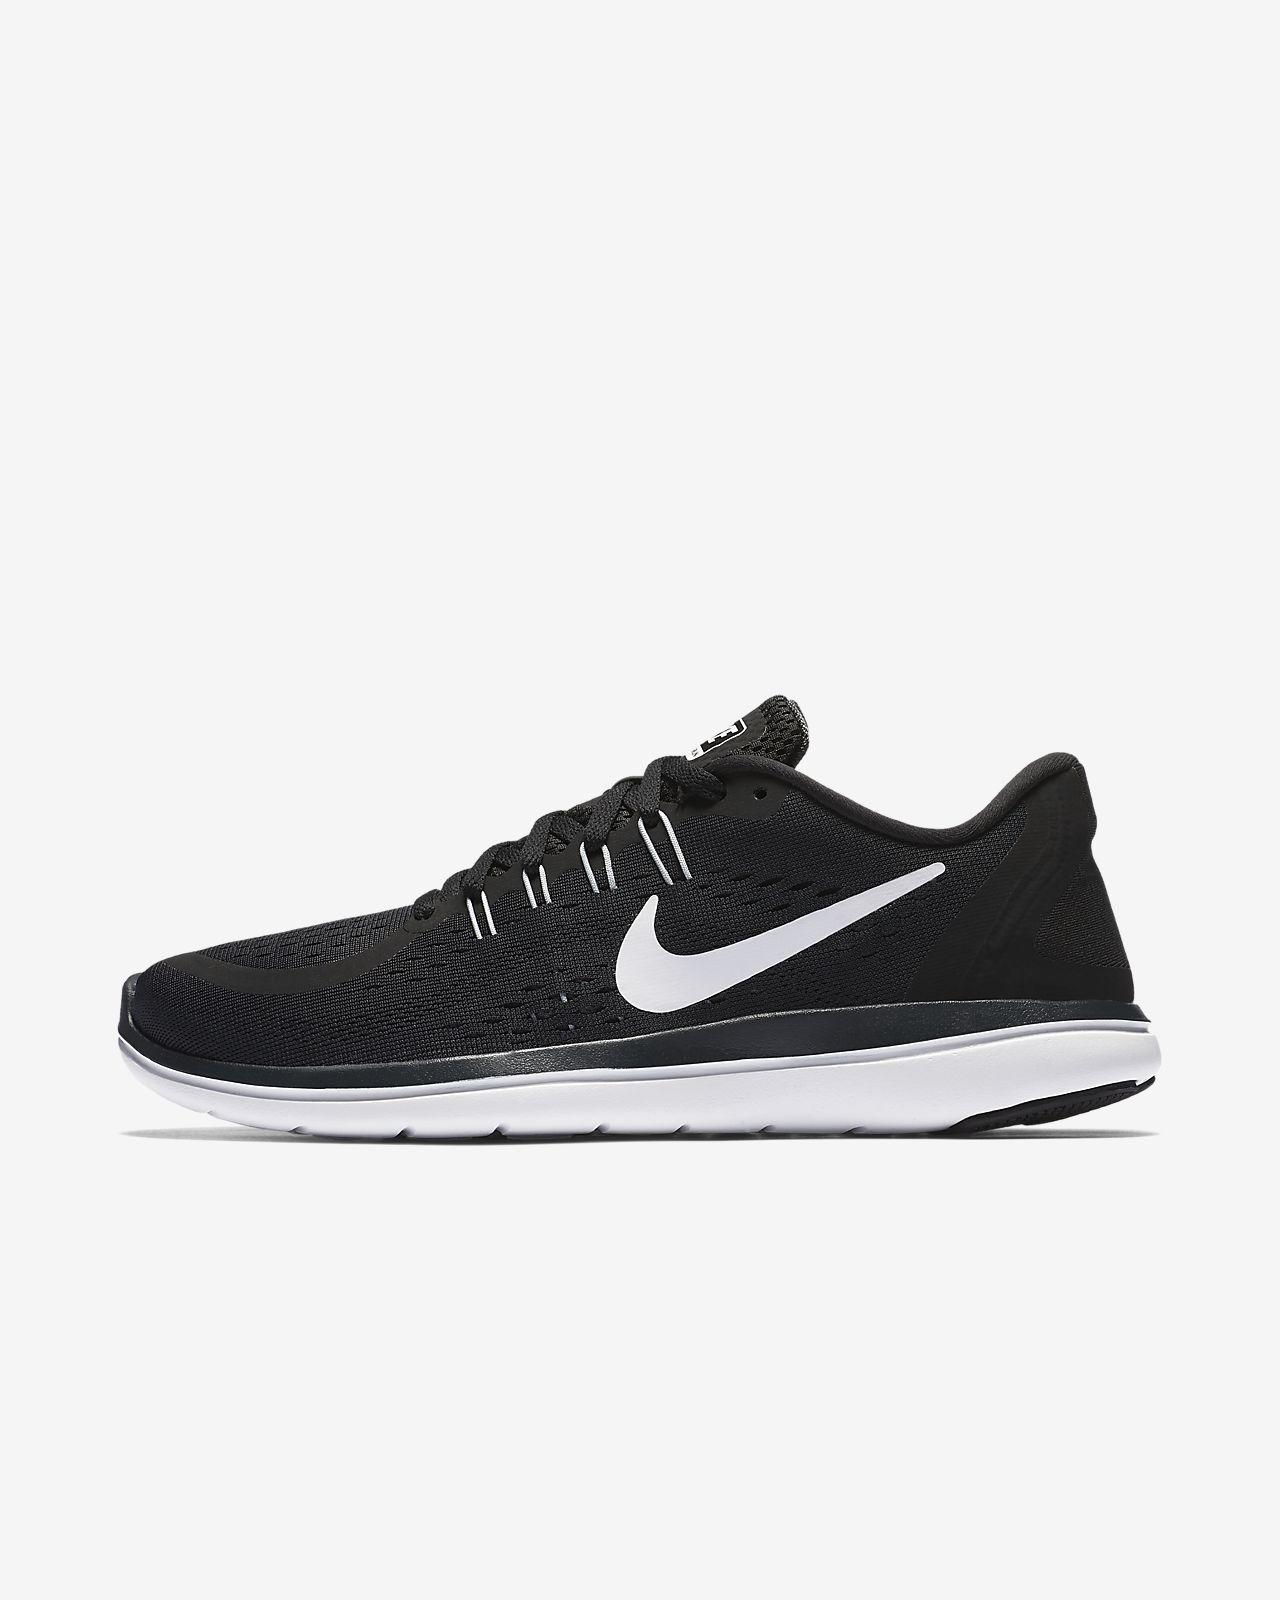 Women's Nike Flex 2017 RN Running Black/White/Anthracite/Wolf Grey 898476 001